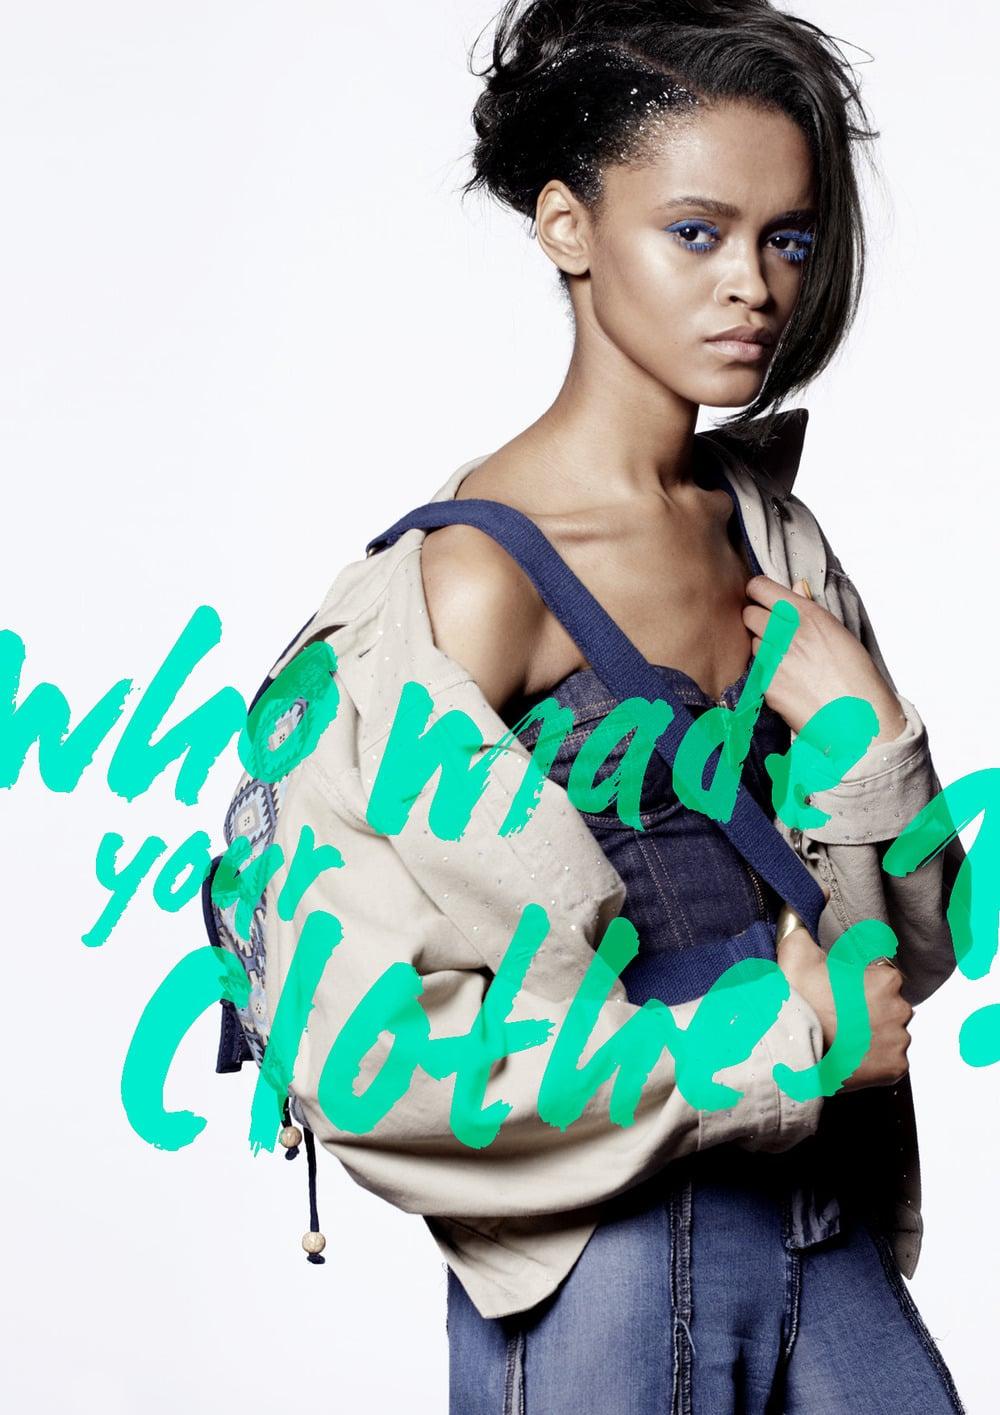 fashion marketing campaign ideas tool